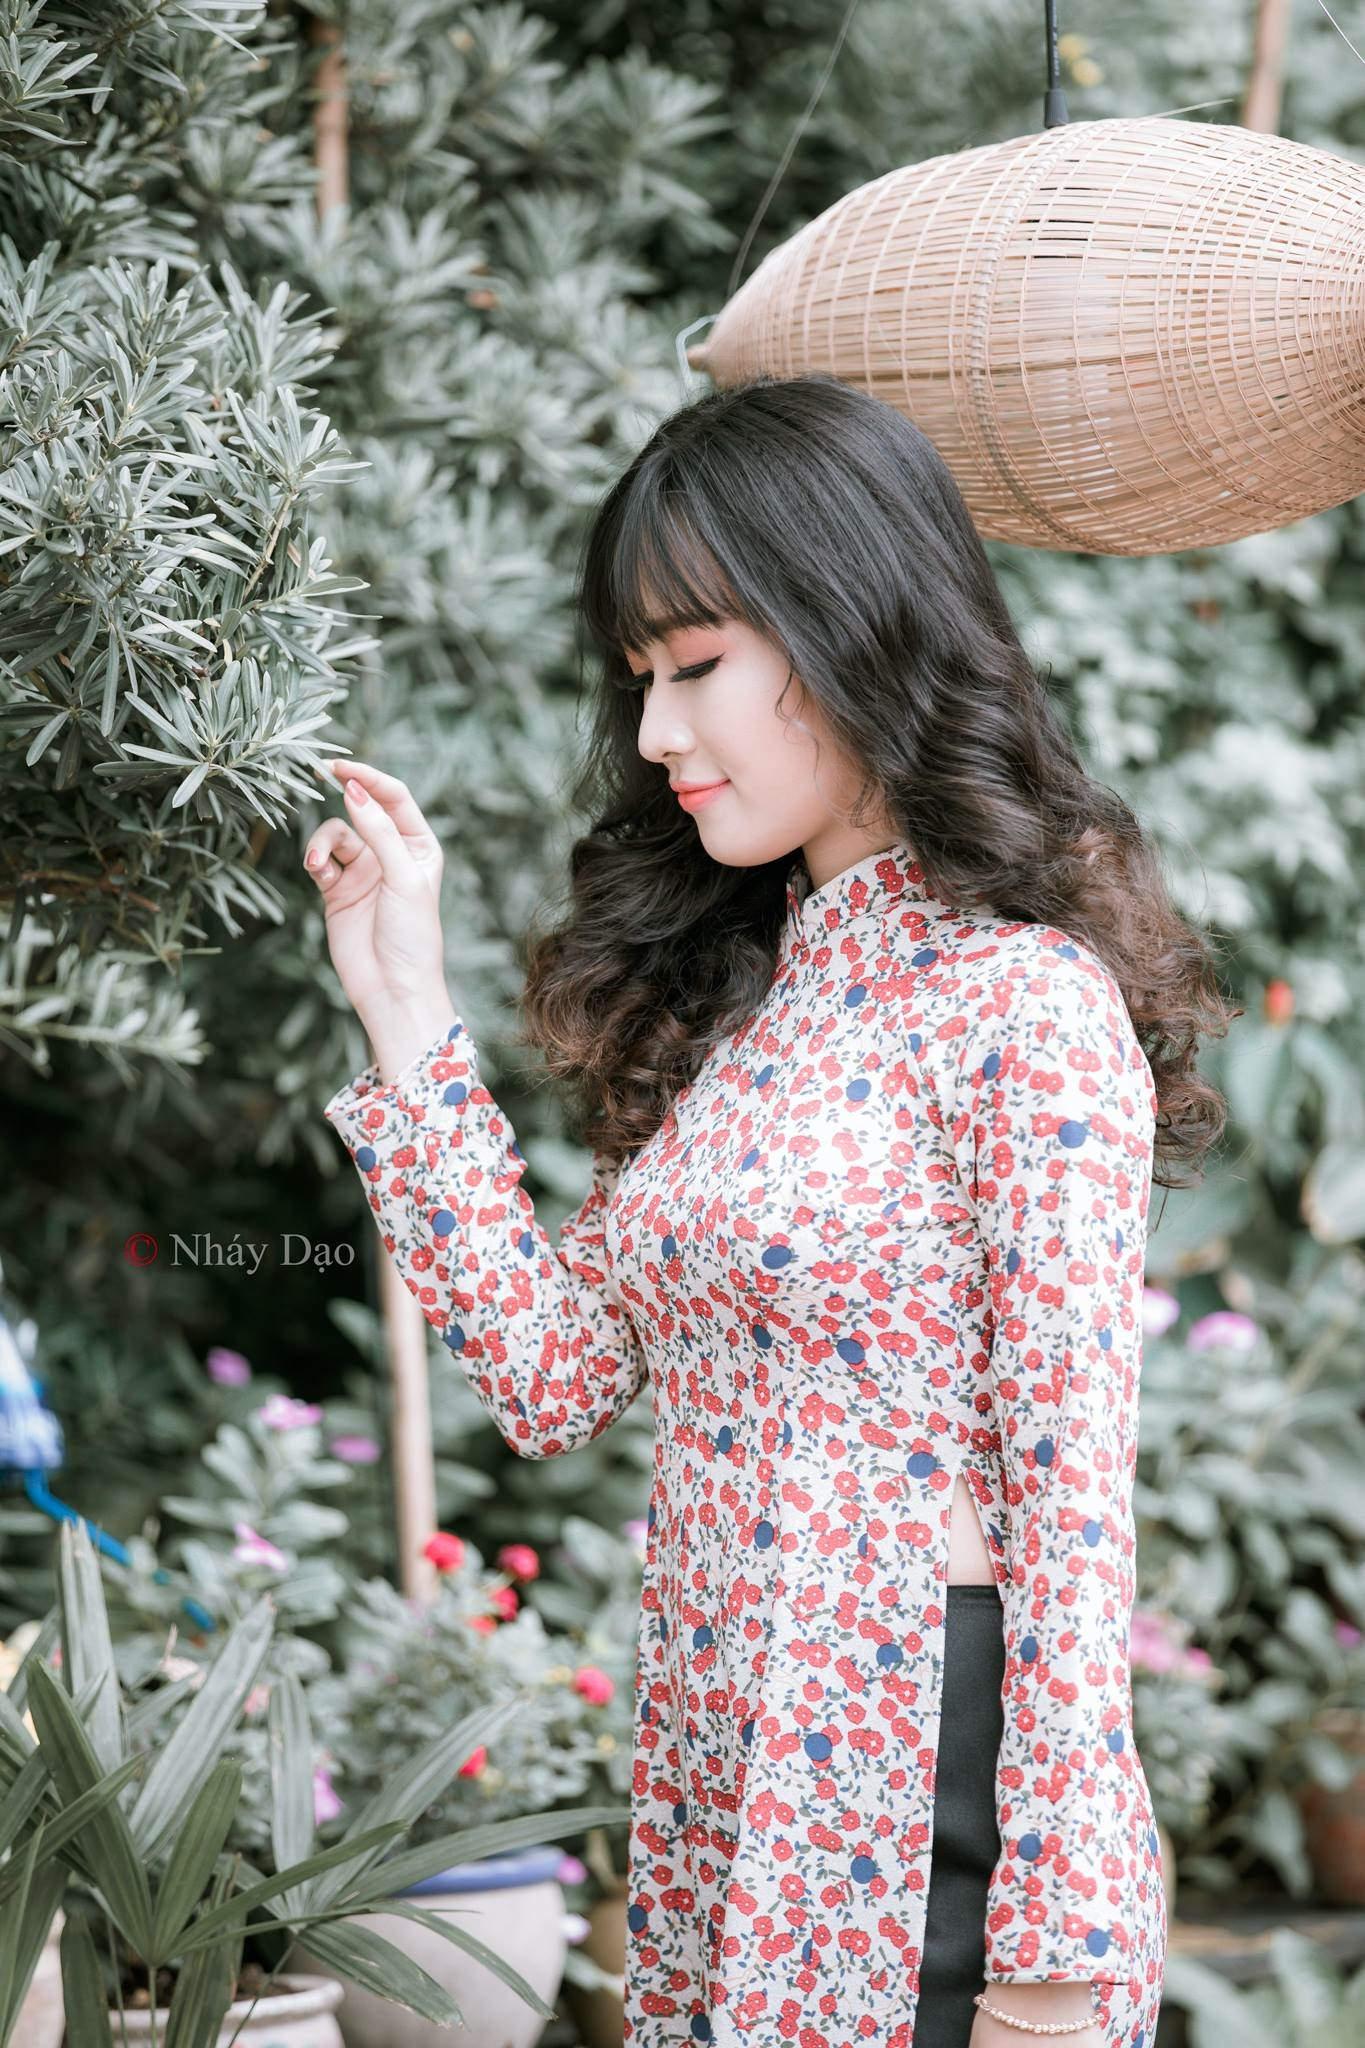 Tuyển tập girl xinh gái đẹp Việt Nam mặc áo dài đẹp mê hồn #60 - 7